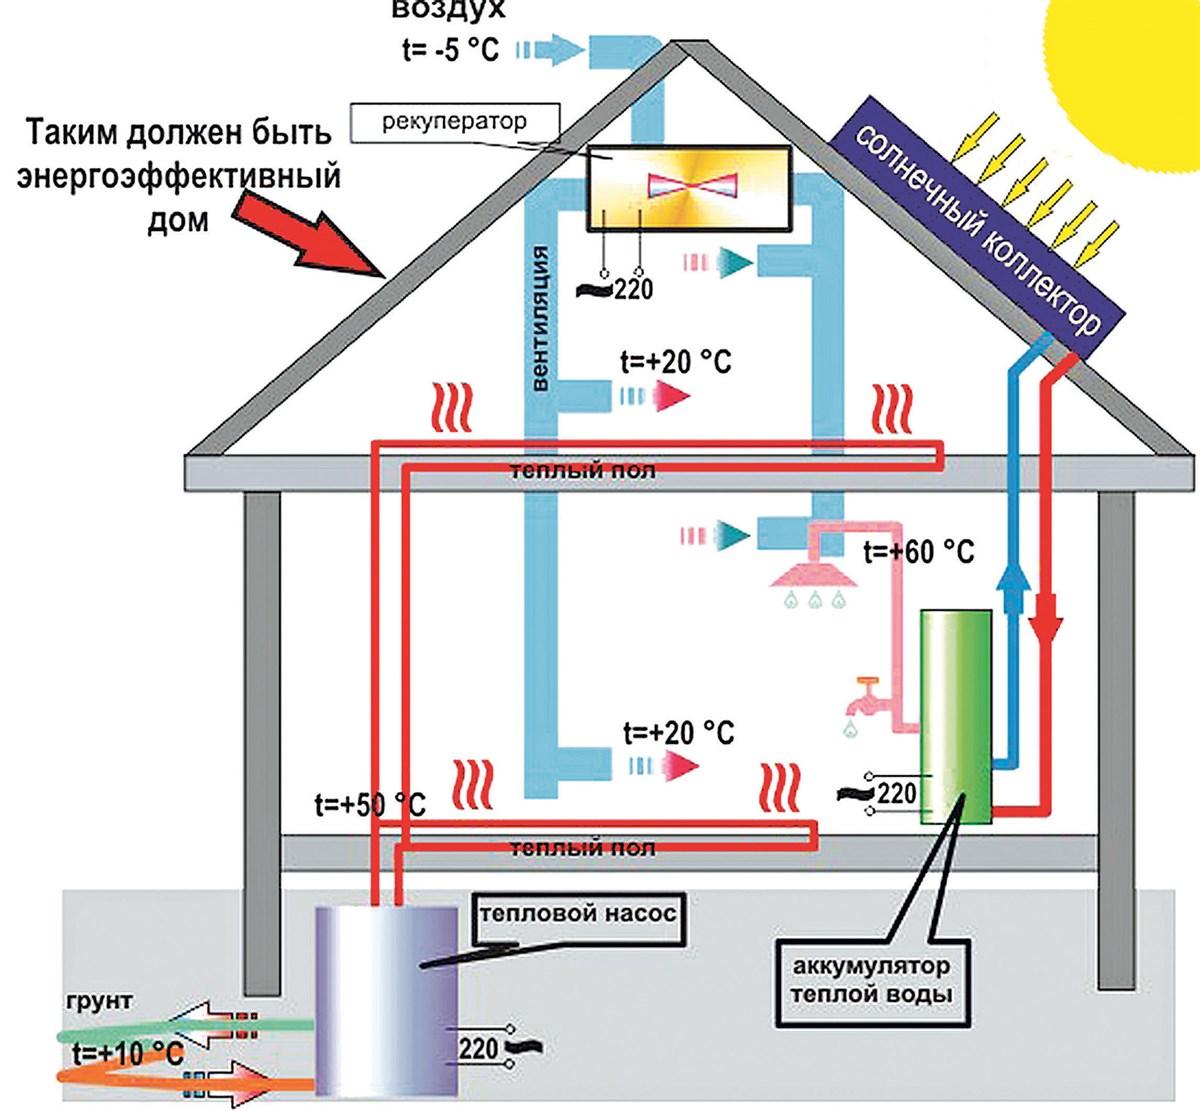 Будівництво дерев'яних будинків - енергетика майбутнього - Домінант